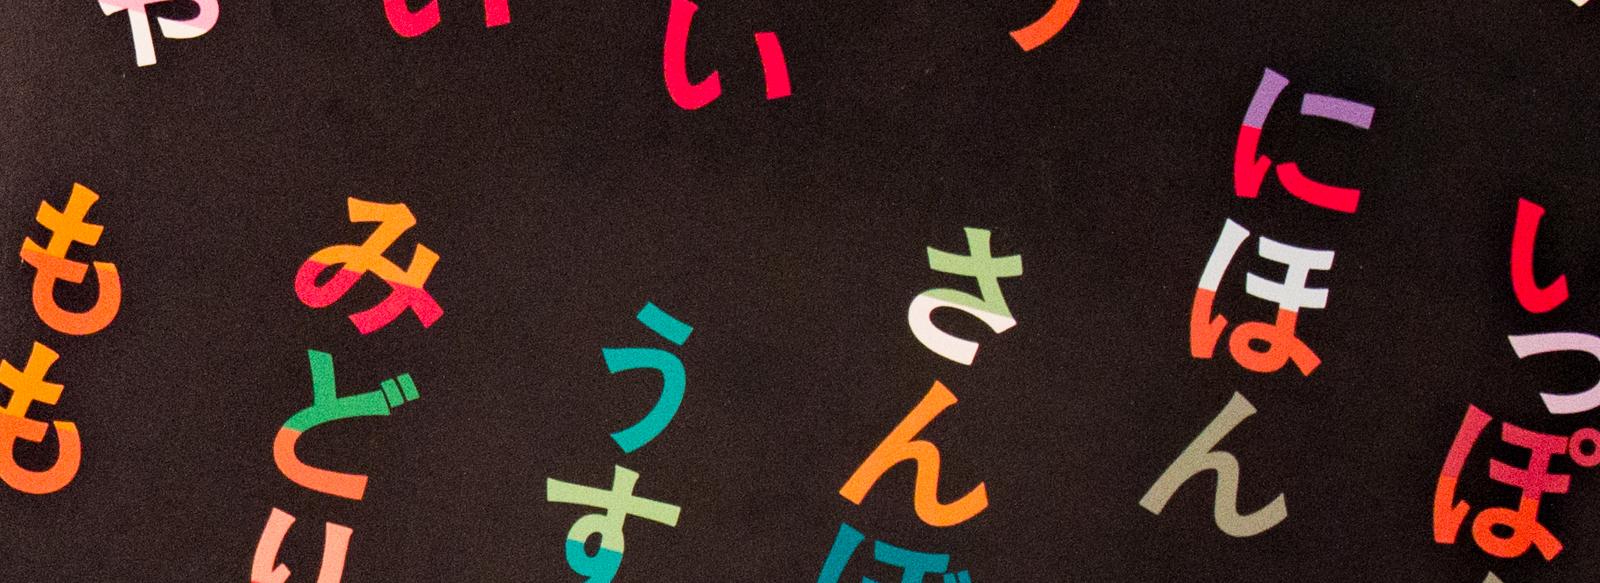 panneau de mot en japonais avec l'approche Silent way